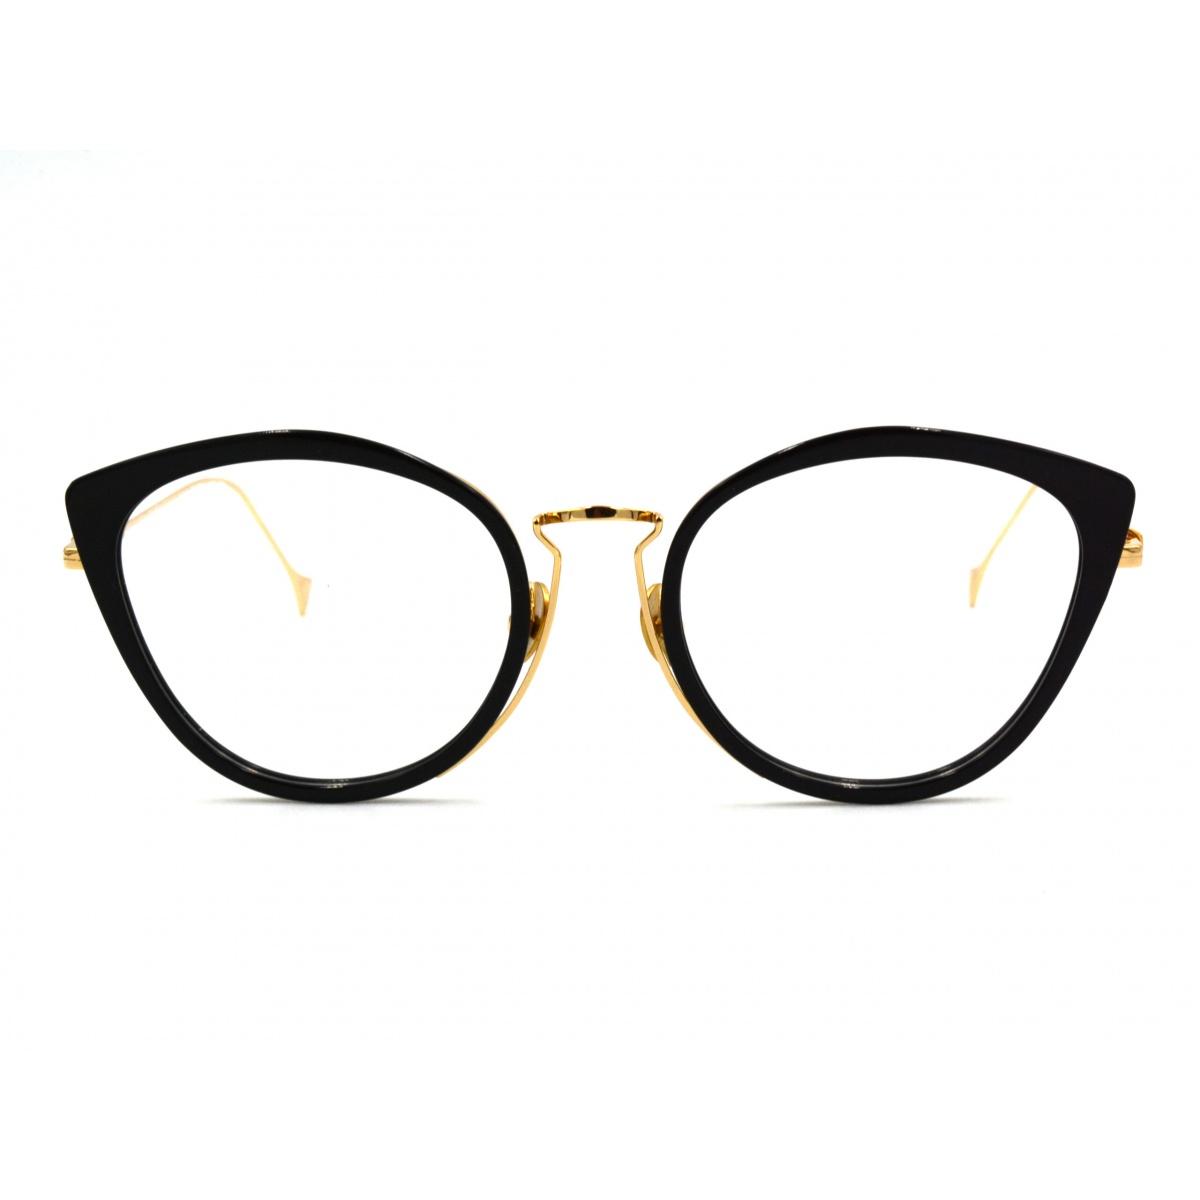 Γυαλιά οράσεως HAZE COLLECTION ATRIUM 3GY 50-20-145 2021